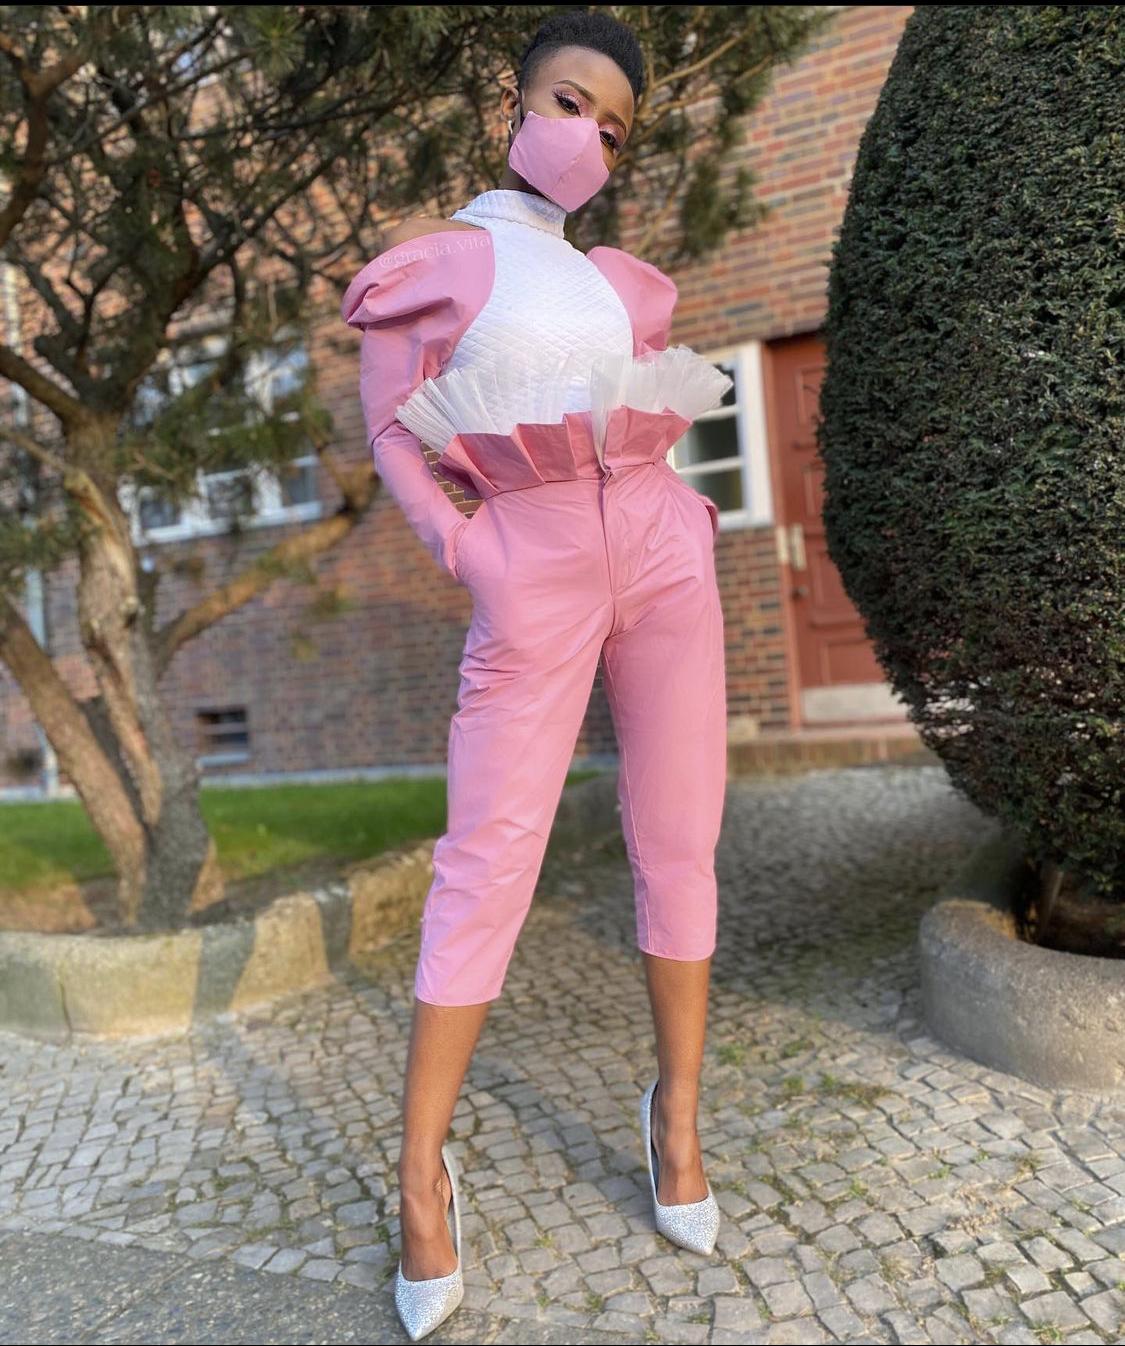 leticia maria mặc quần lửng capri hồng và giày mũi nhọn màu trắng